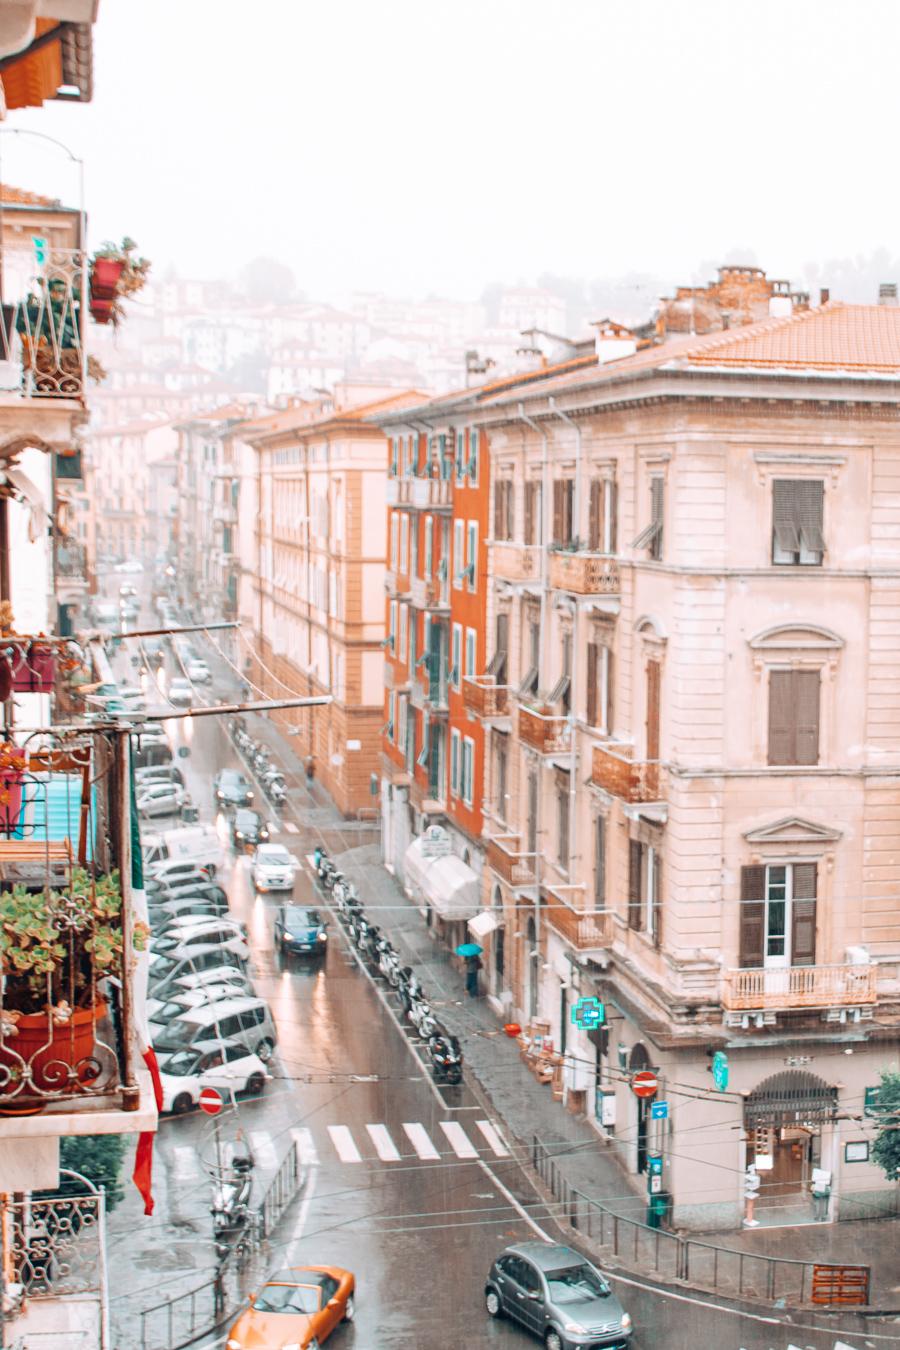 A view of La Spezia